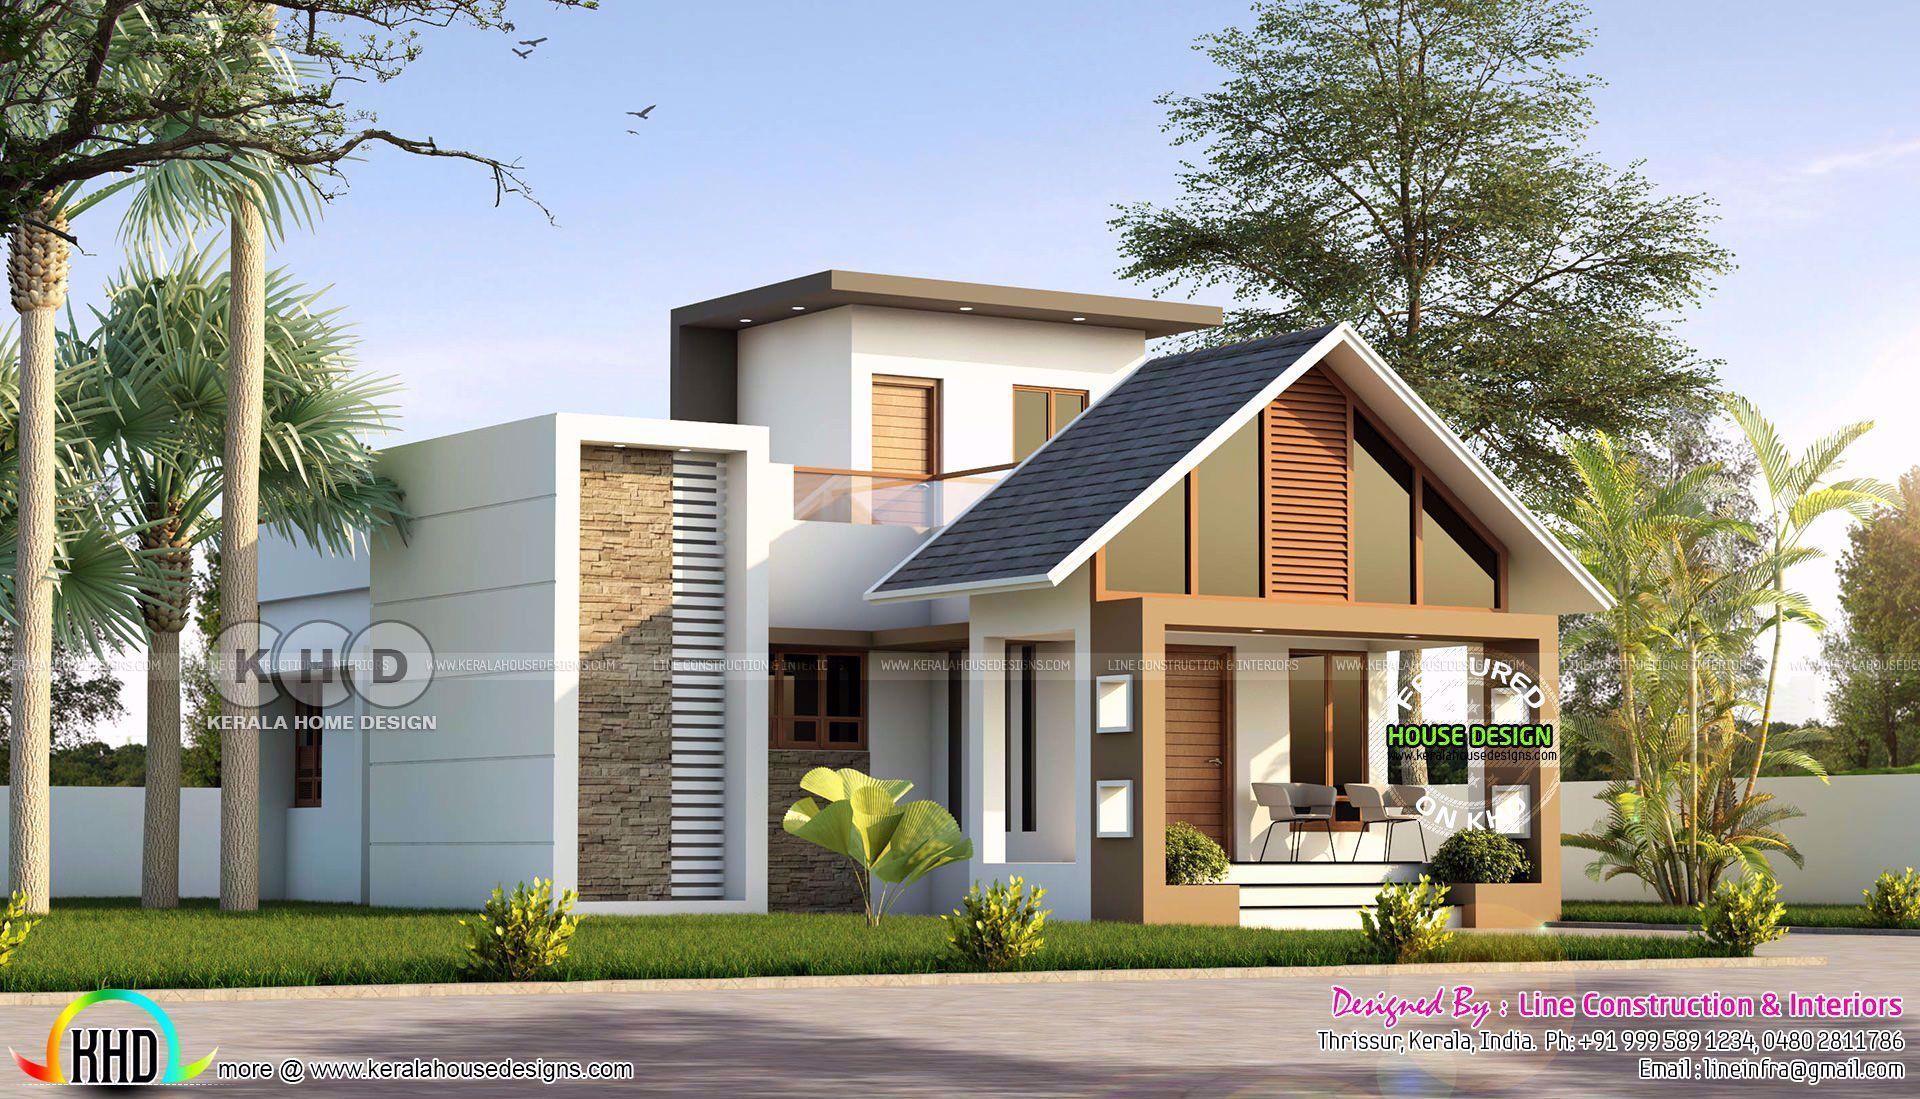 3 Bedroom Kerala House Plans Beautiful Cute Single Floor 1100 Sq Ft 3 Bedroom Home Kerala Home In 2020 Kerala House Design Kerala Houses Home Building Design